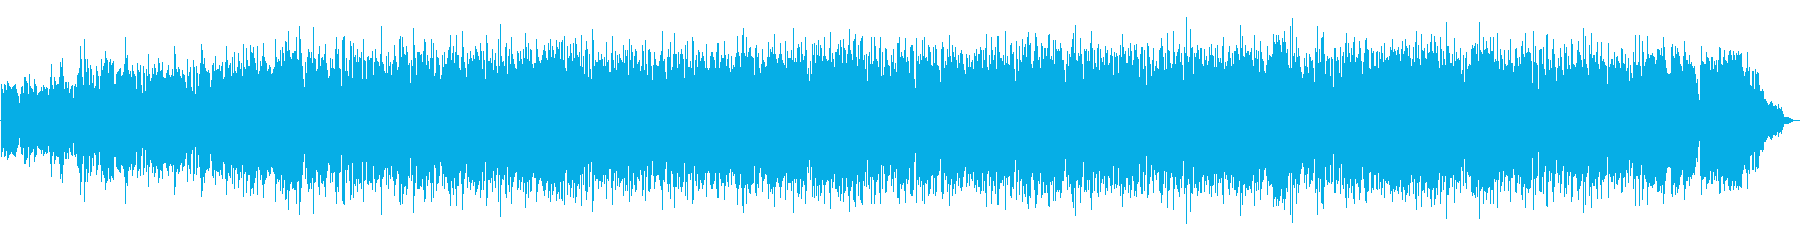 フルートとピアノのお洒落で素敵なボサノバの再生済みの波形